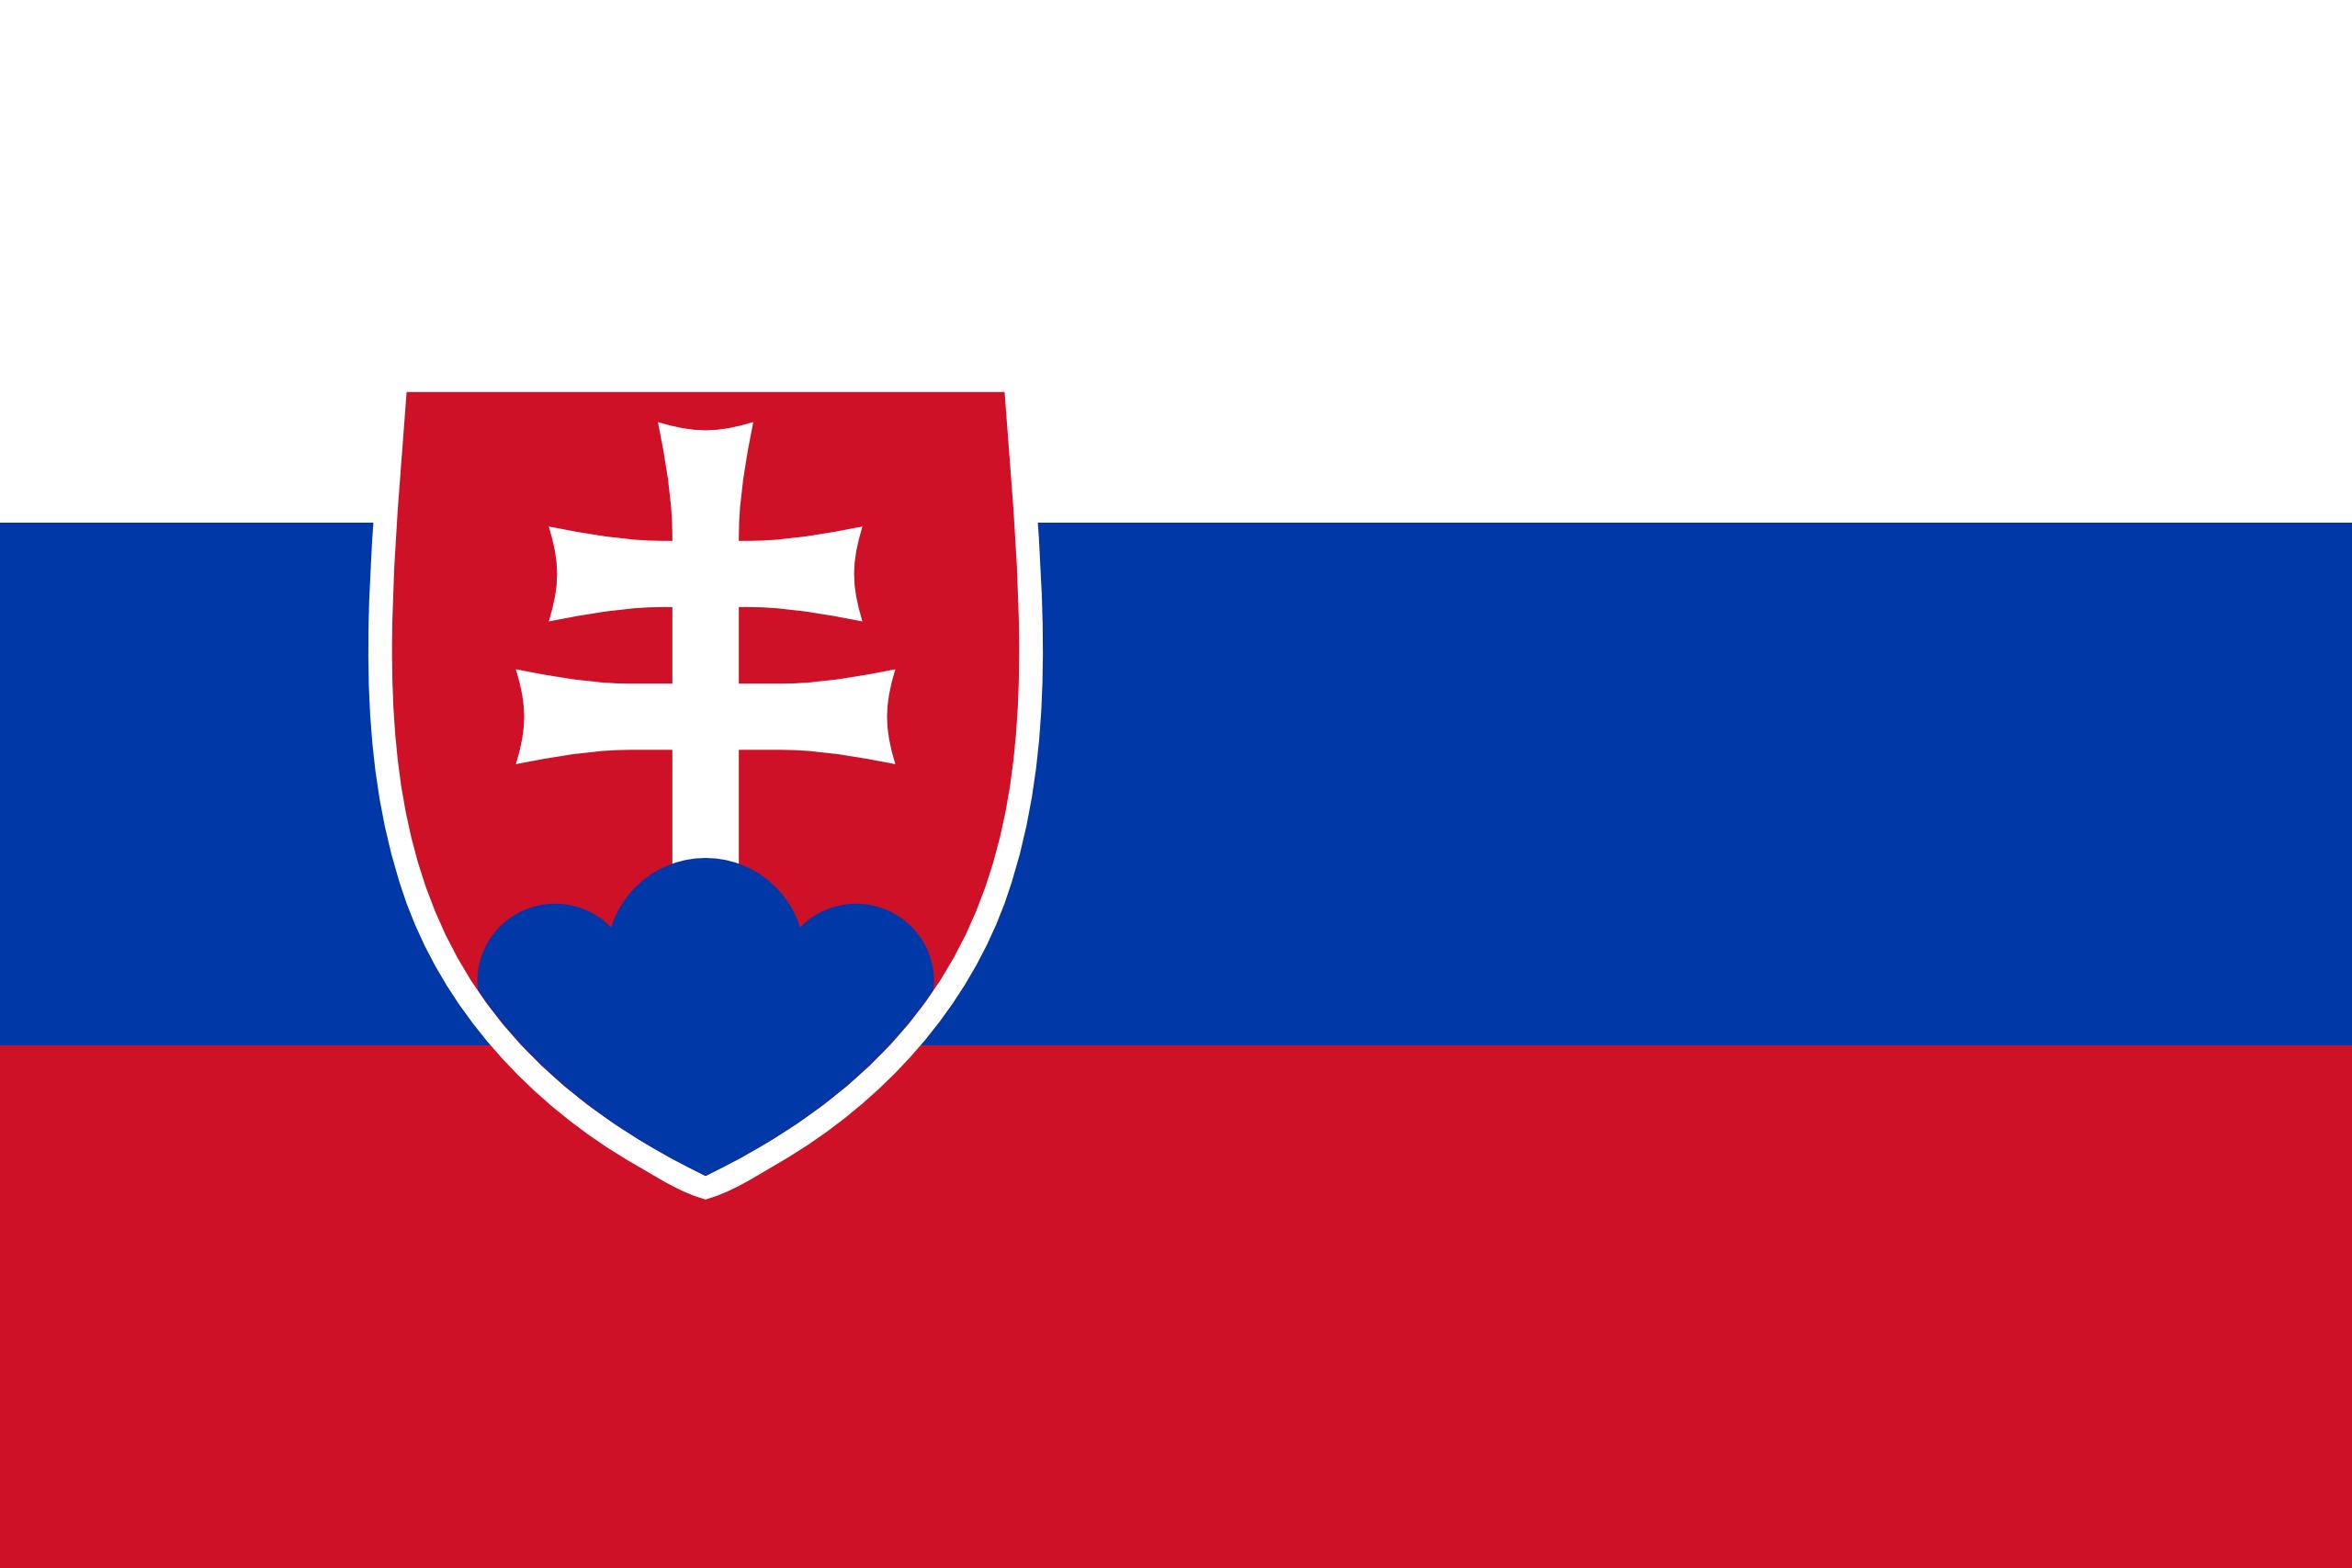 eslovaquia, χώρα, έμβλημα, λογότυπο, σύμβολο - Wallpapers HD - Professor-falken.com